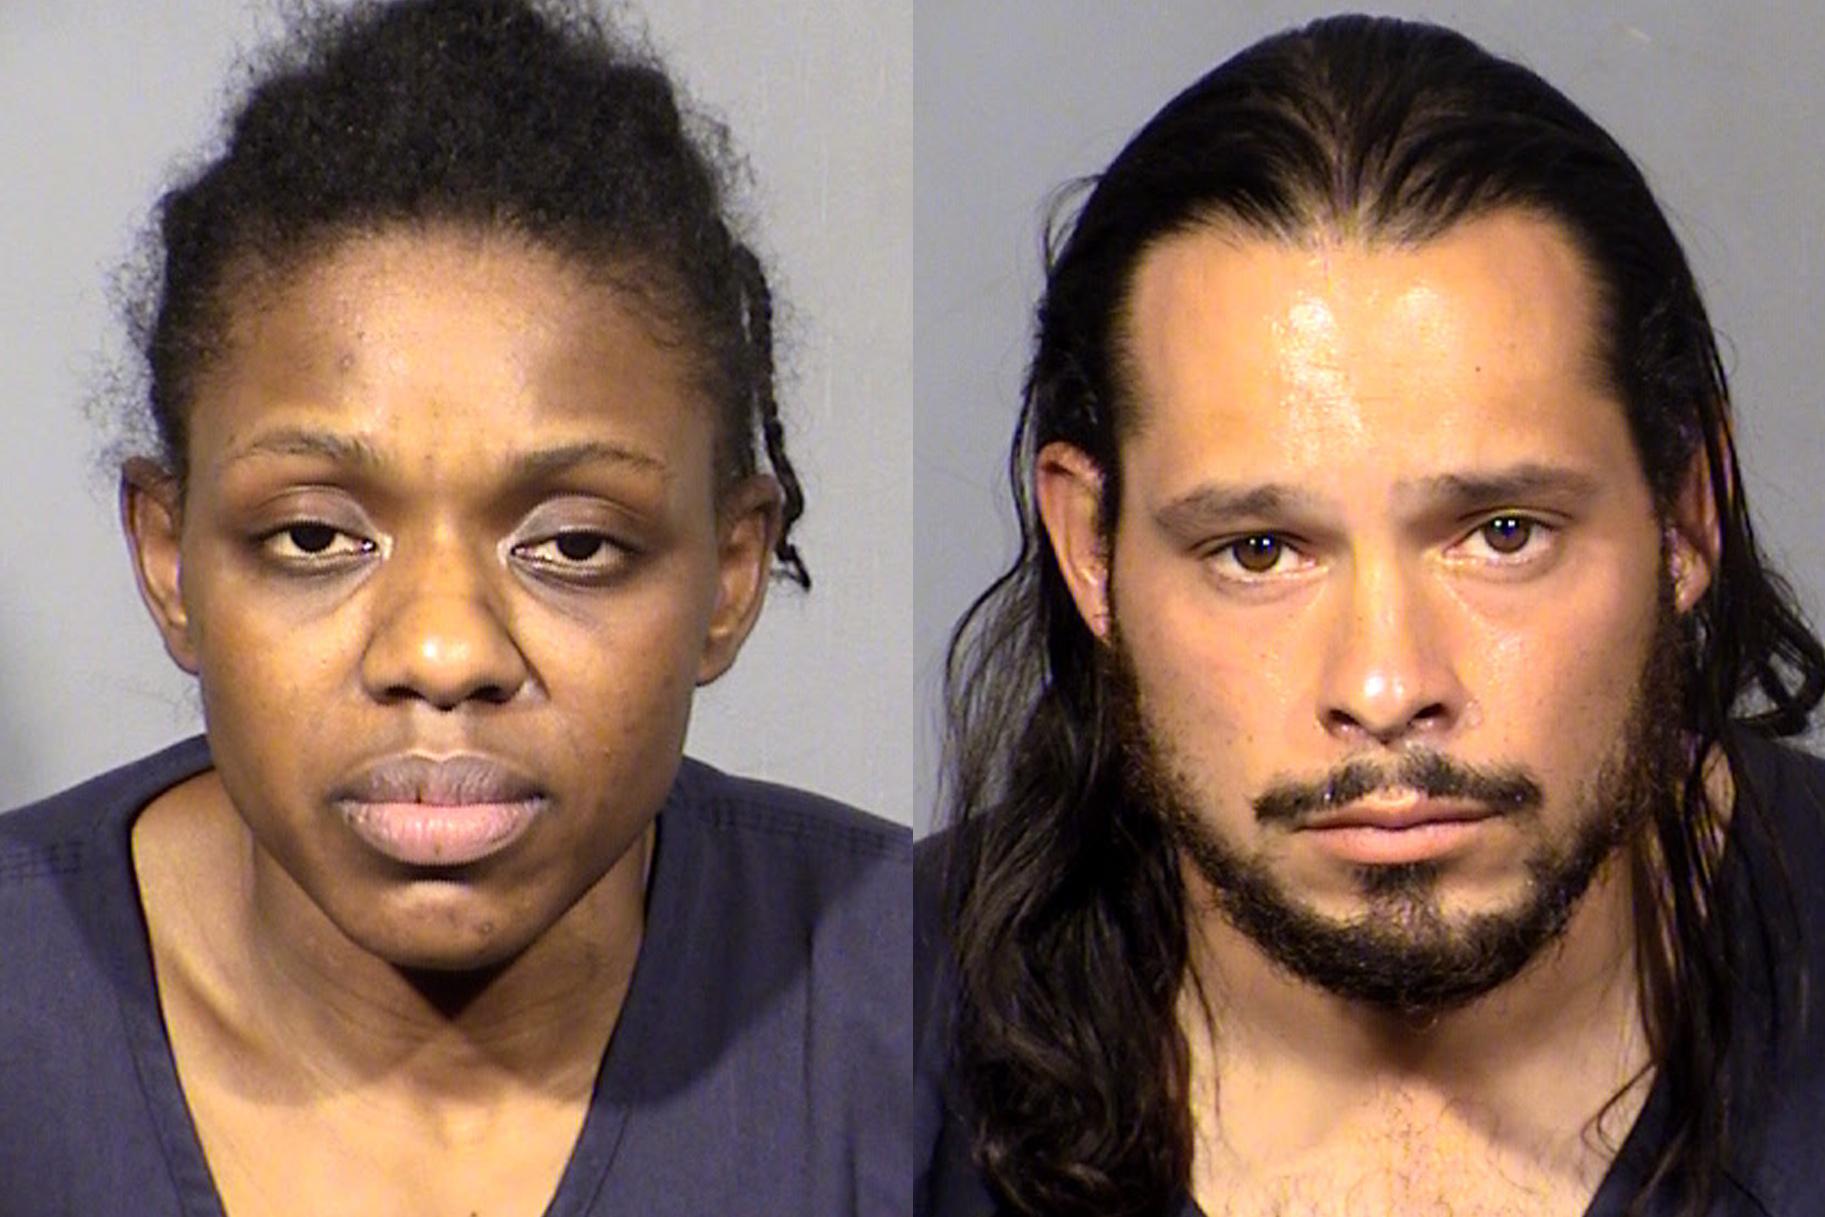 זוג לאס וגאס מואשם ברצח, מואשם כי ביים את מותו של בן ה -8 כמתאבד